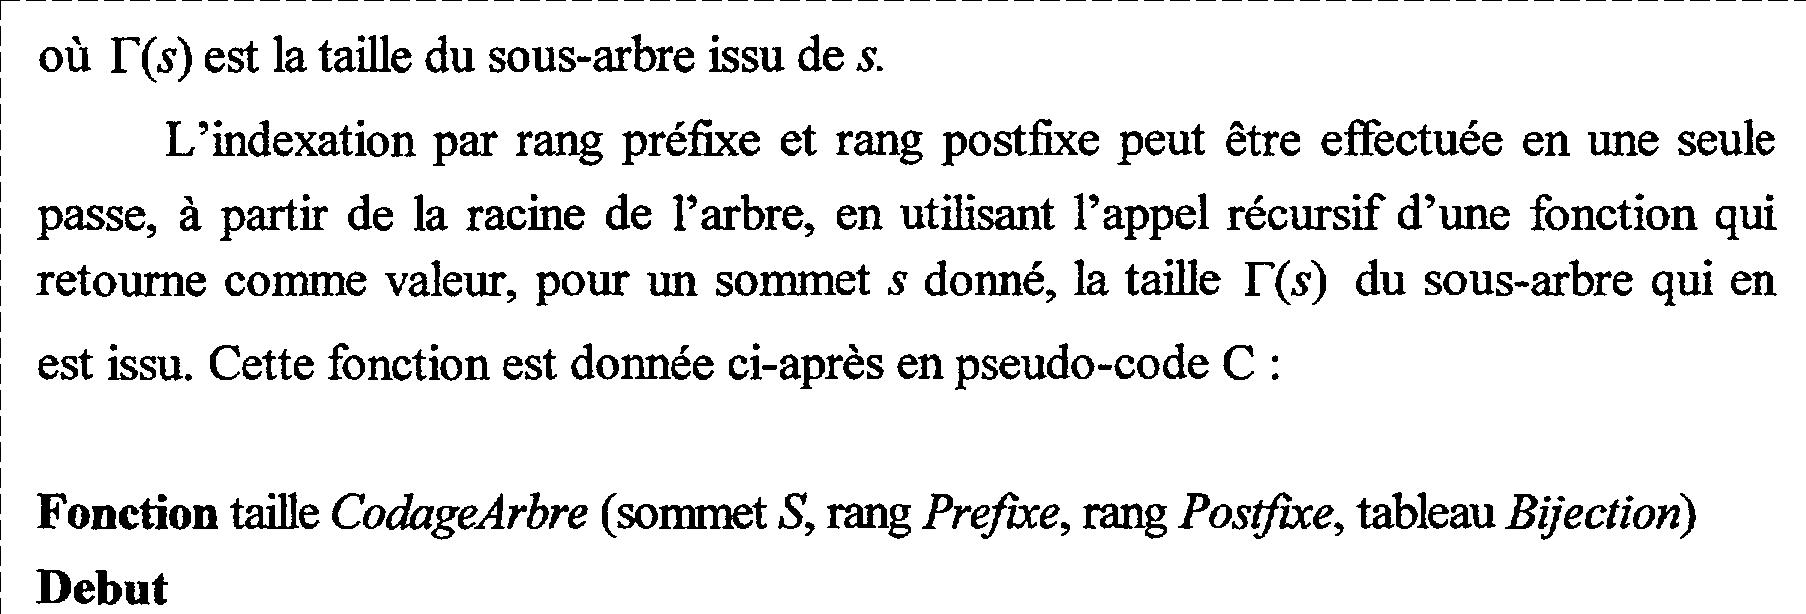 Figure img00160003